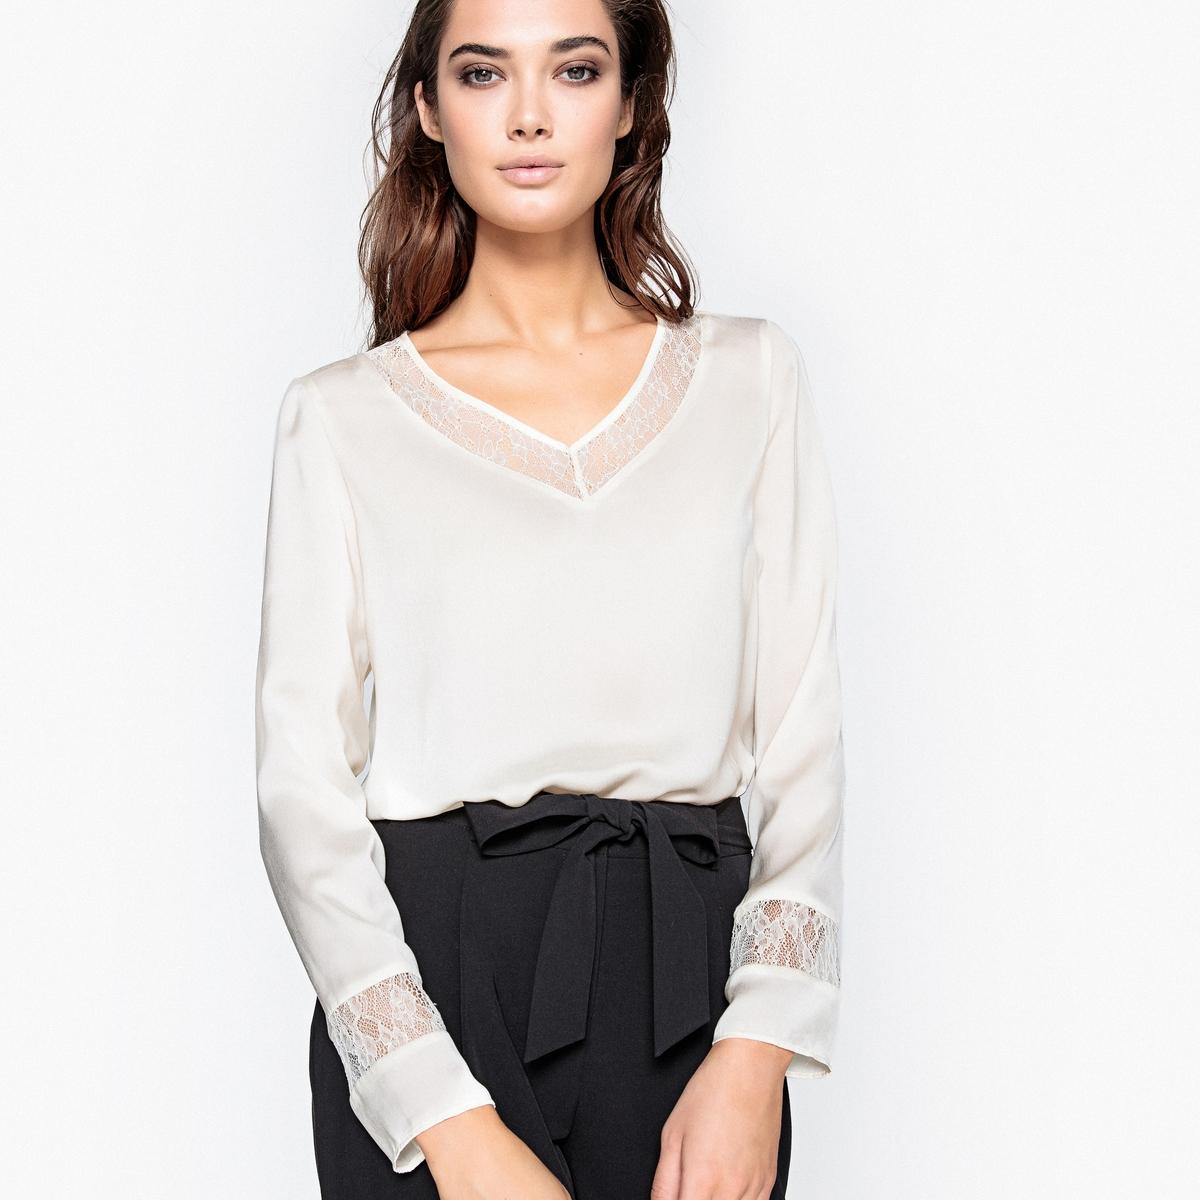 Блузка прямого покроя с кружевной вставкой платье без рукавов с кружевной вставкой на спинке